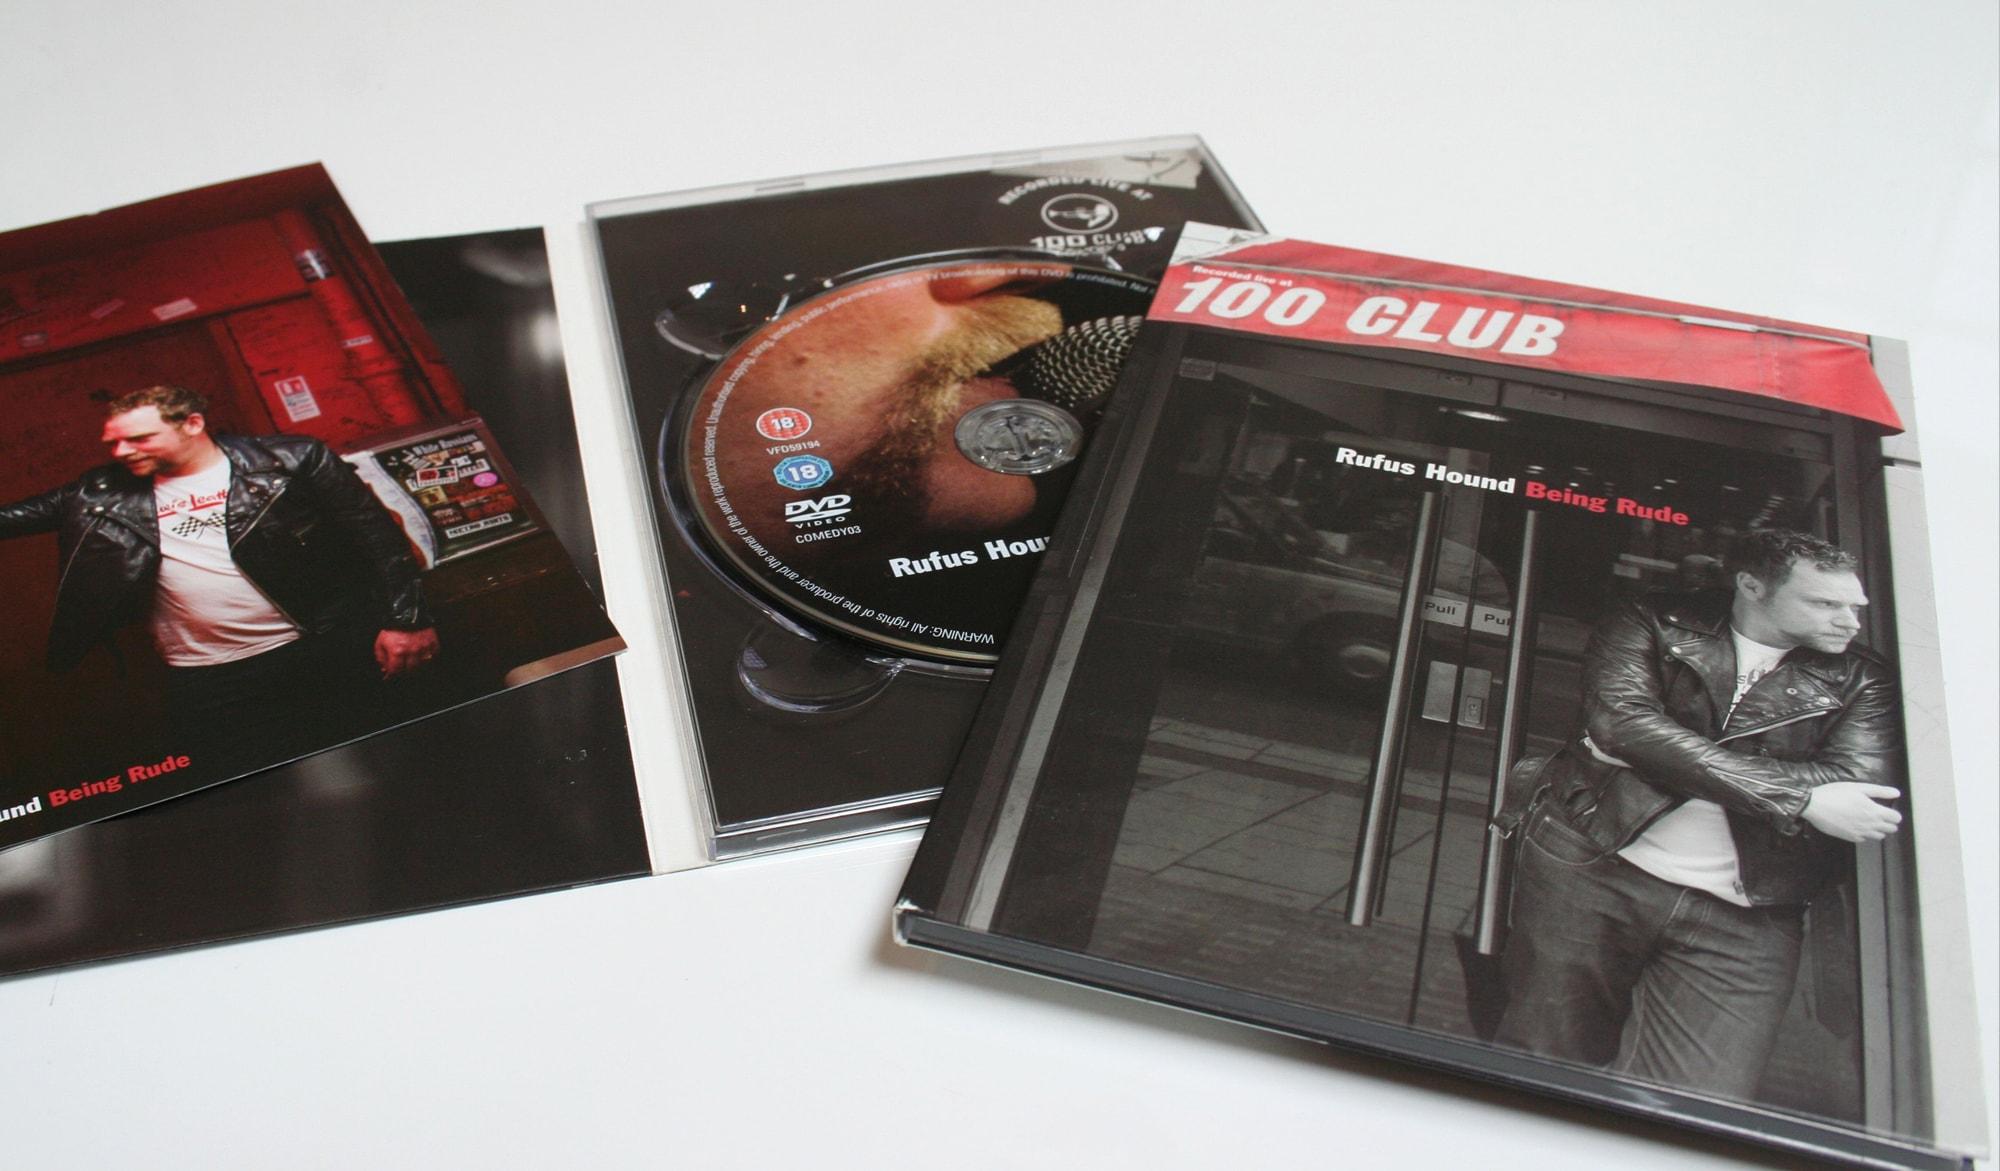 DVD packaging for Comedy Central inner case